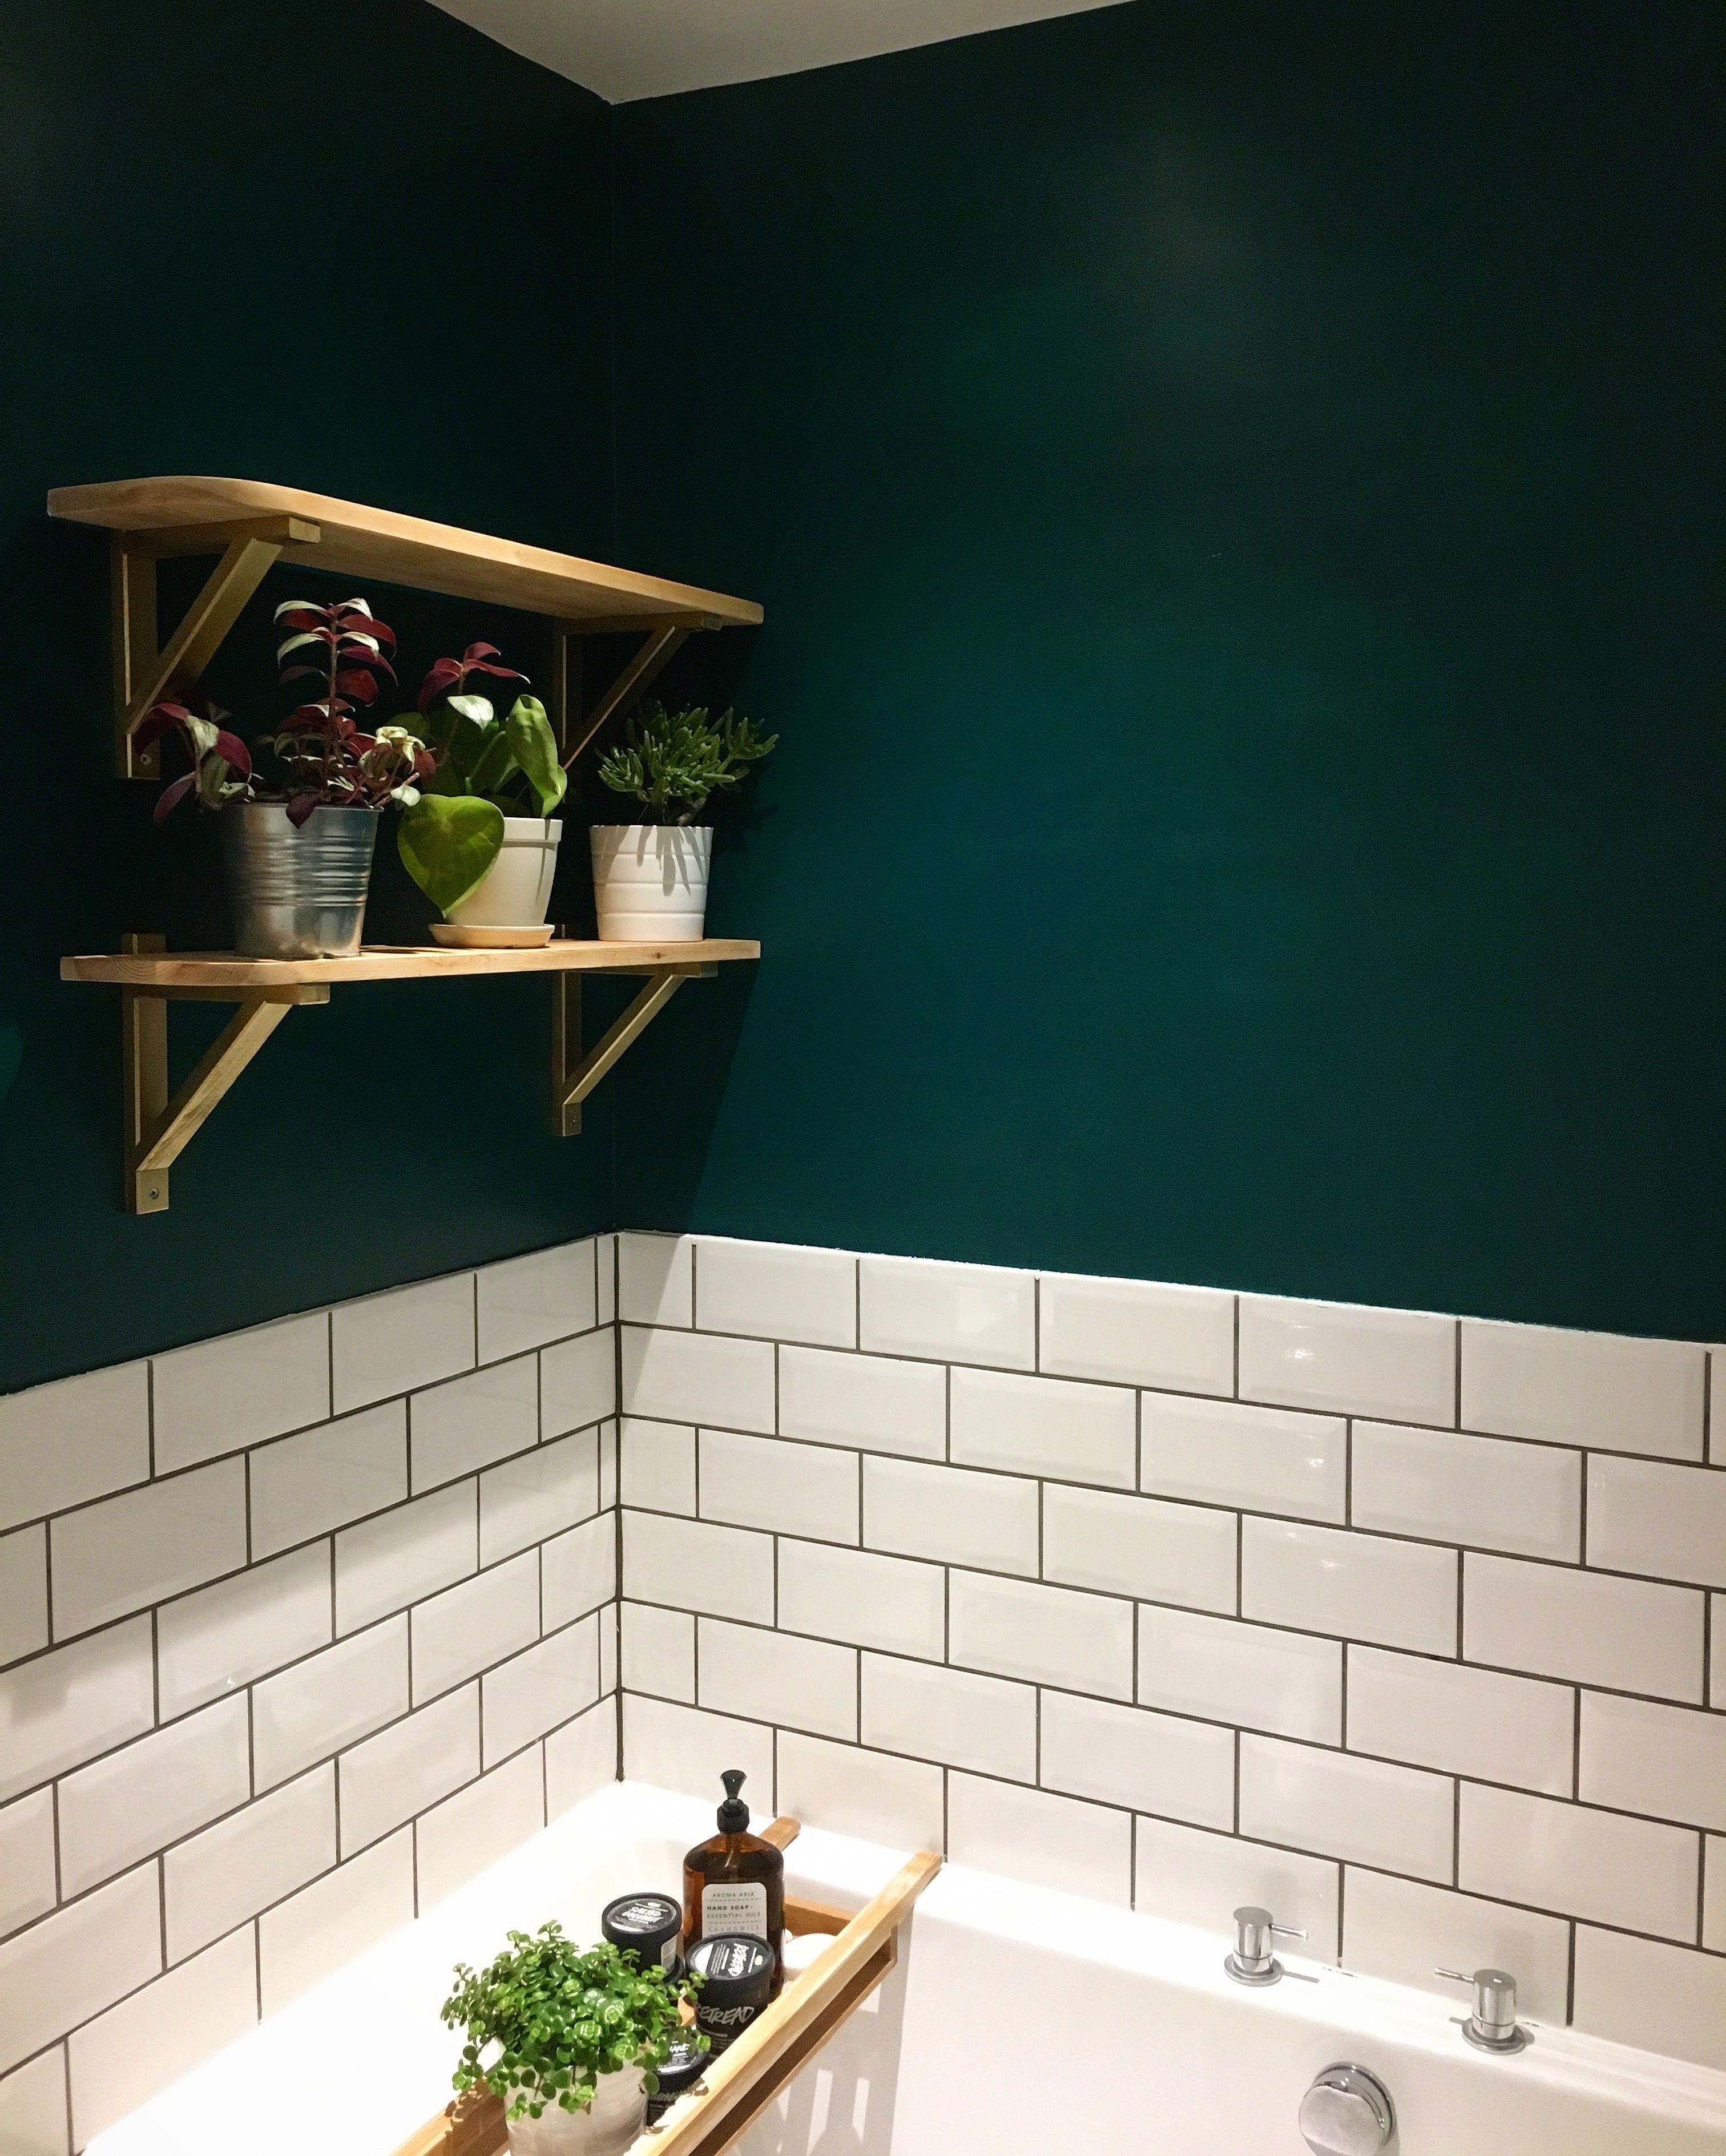 21 Beautiful Ideas Sea Green Bathroom Tiles For You Yentua Com Badezimmer Bathroom Beautiful Fliesen In 2020 Grune Badfliesen